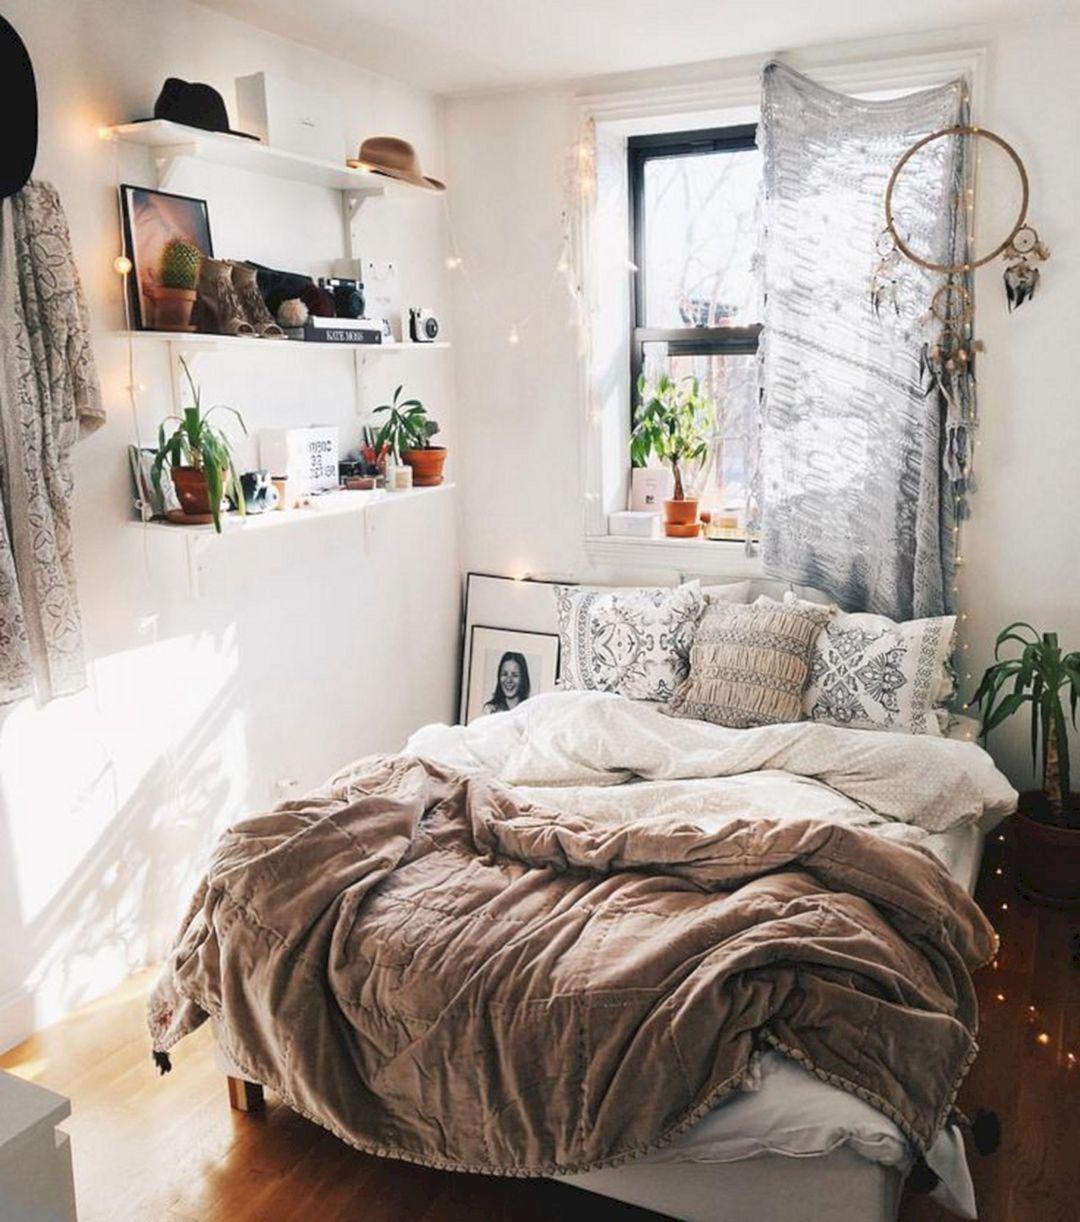 30 Creative Image Of Cozy Bedroom Ideas Cozy Bedroom Ideas 10